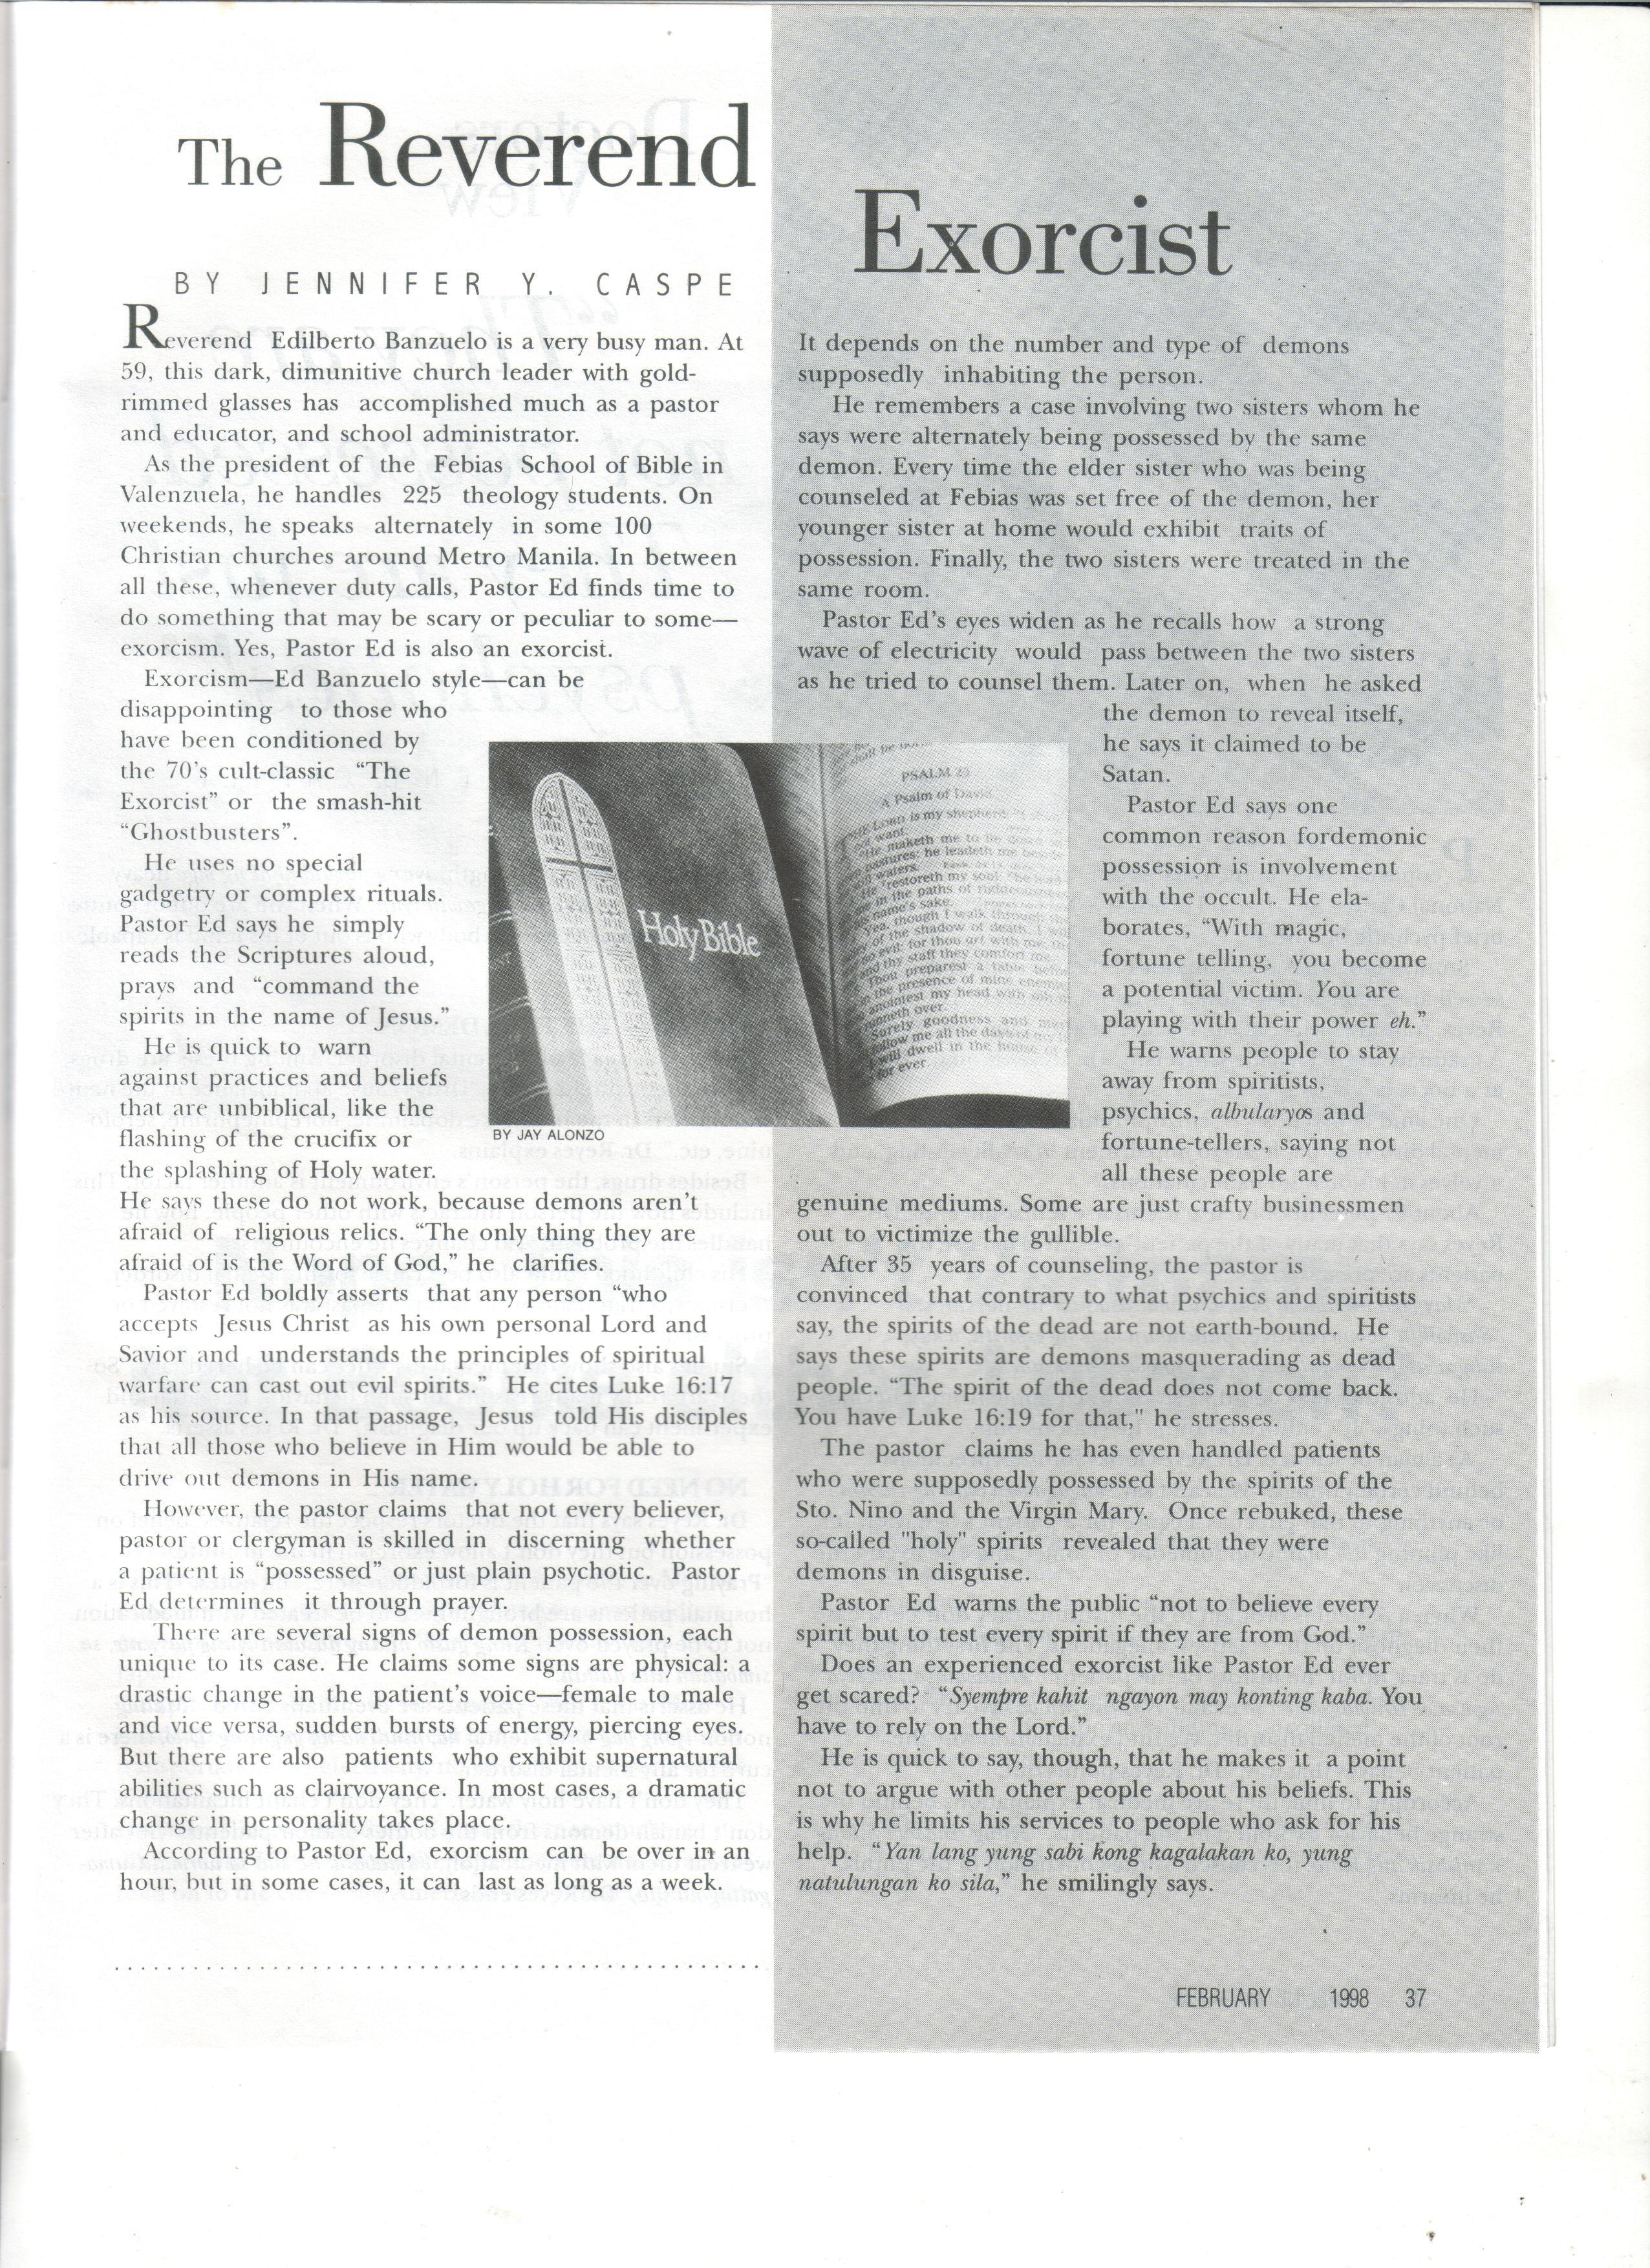 Lifelife Magazine: The Reverend Exorcist